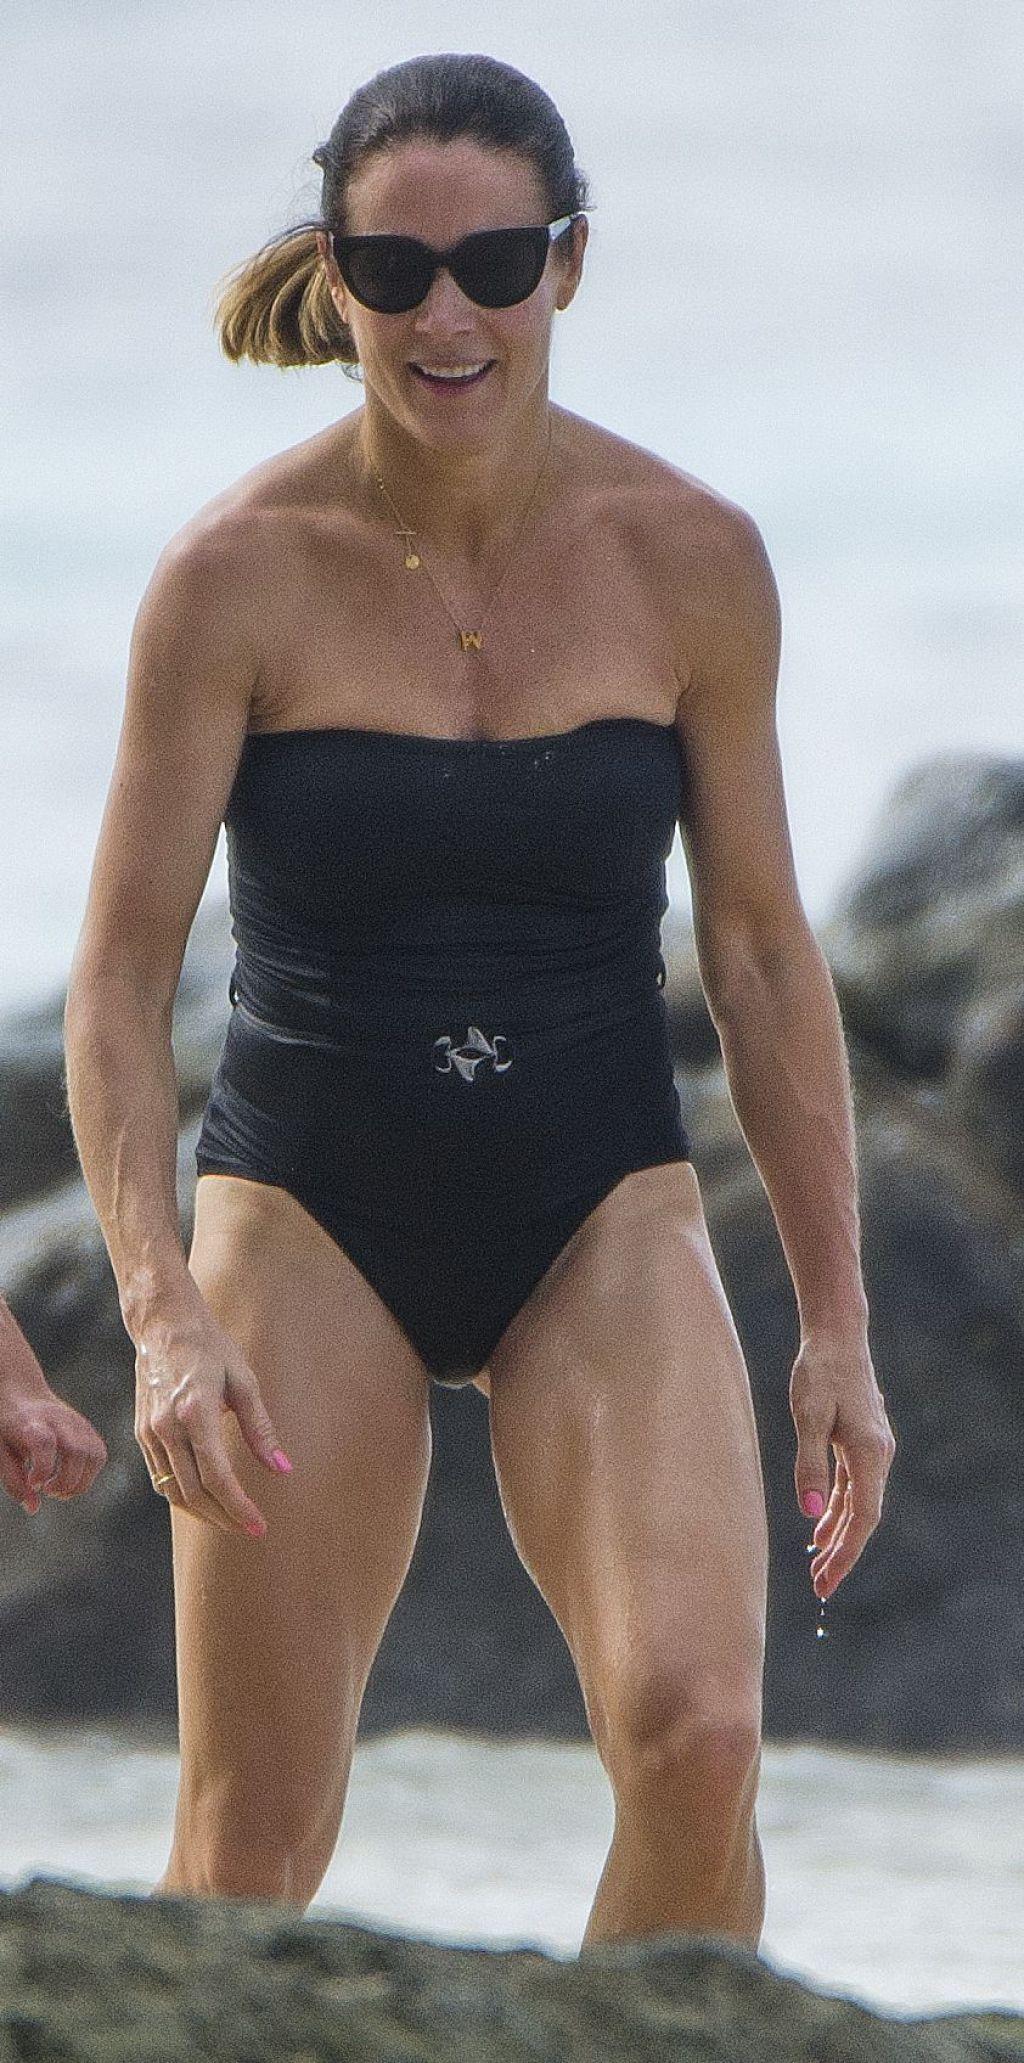 legs Photos Natalie Pinkham naked photo 2017